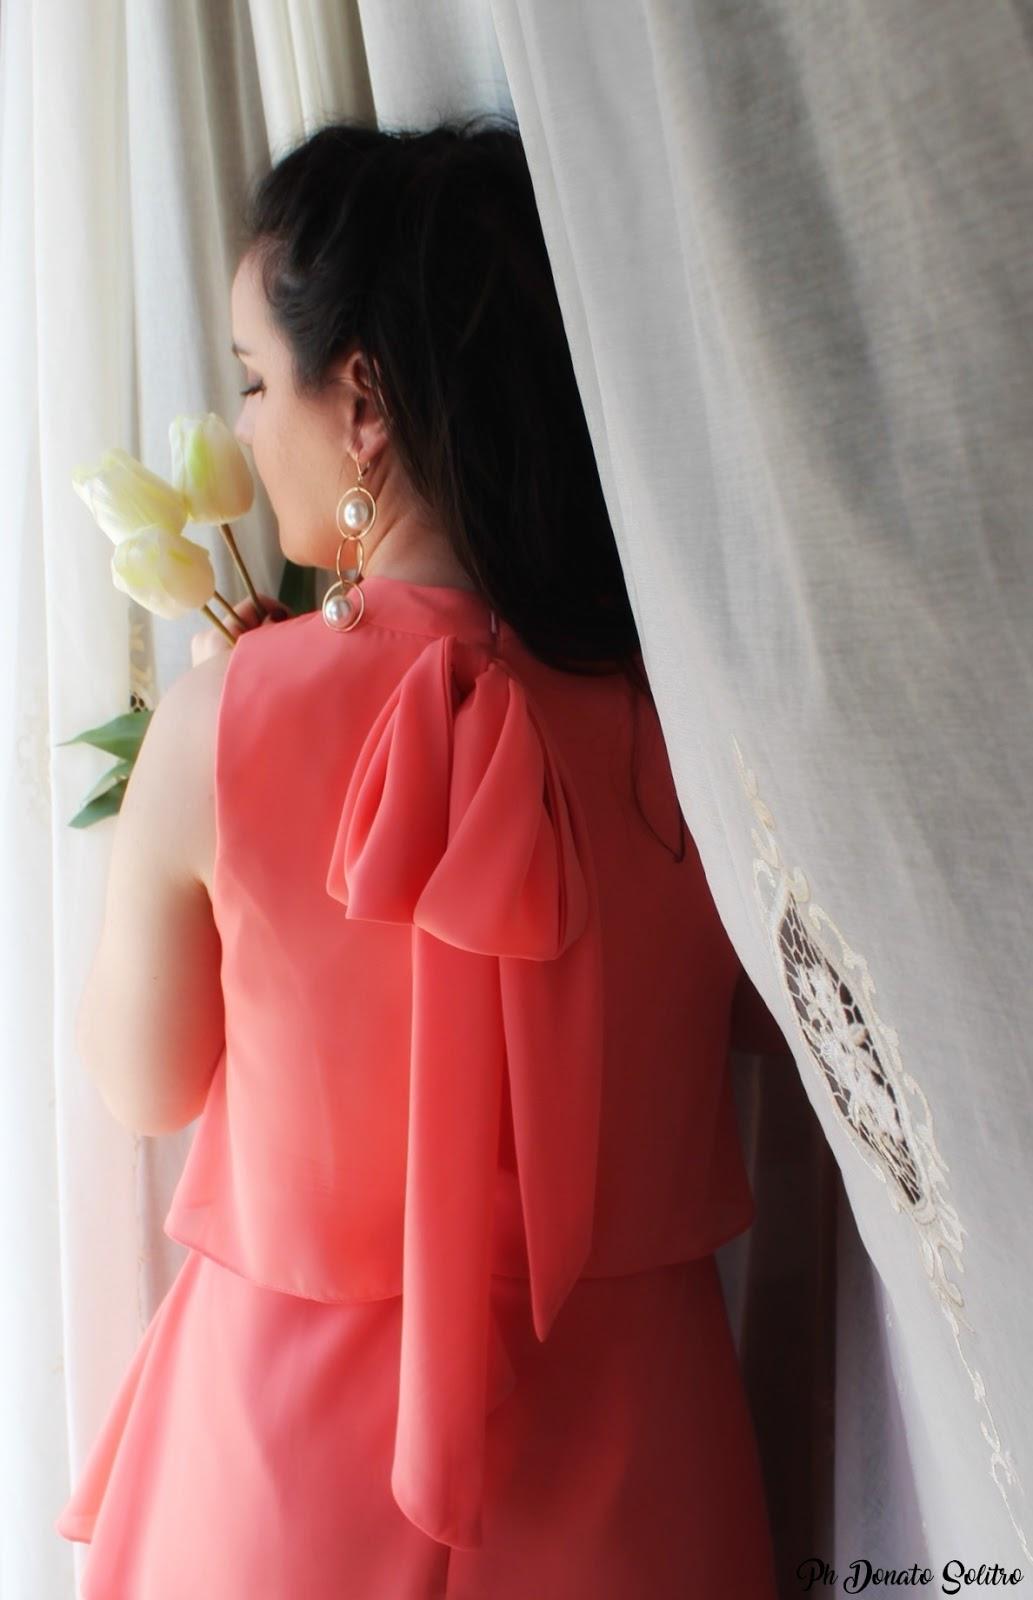 Come si deve vestire la sorella della sposa?